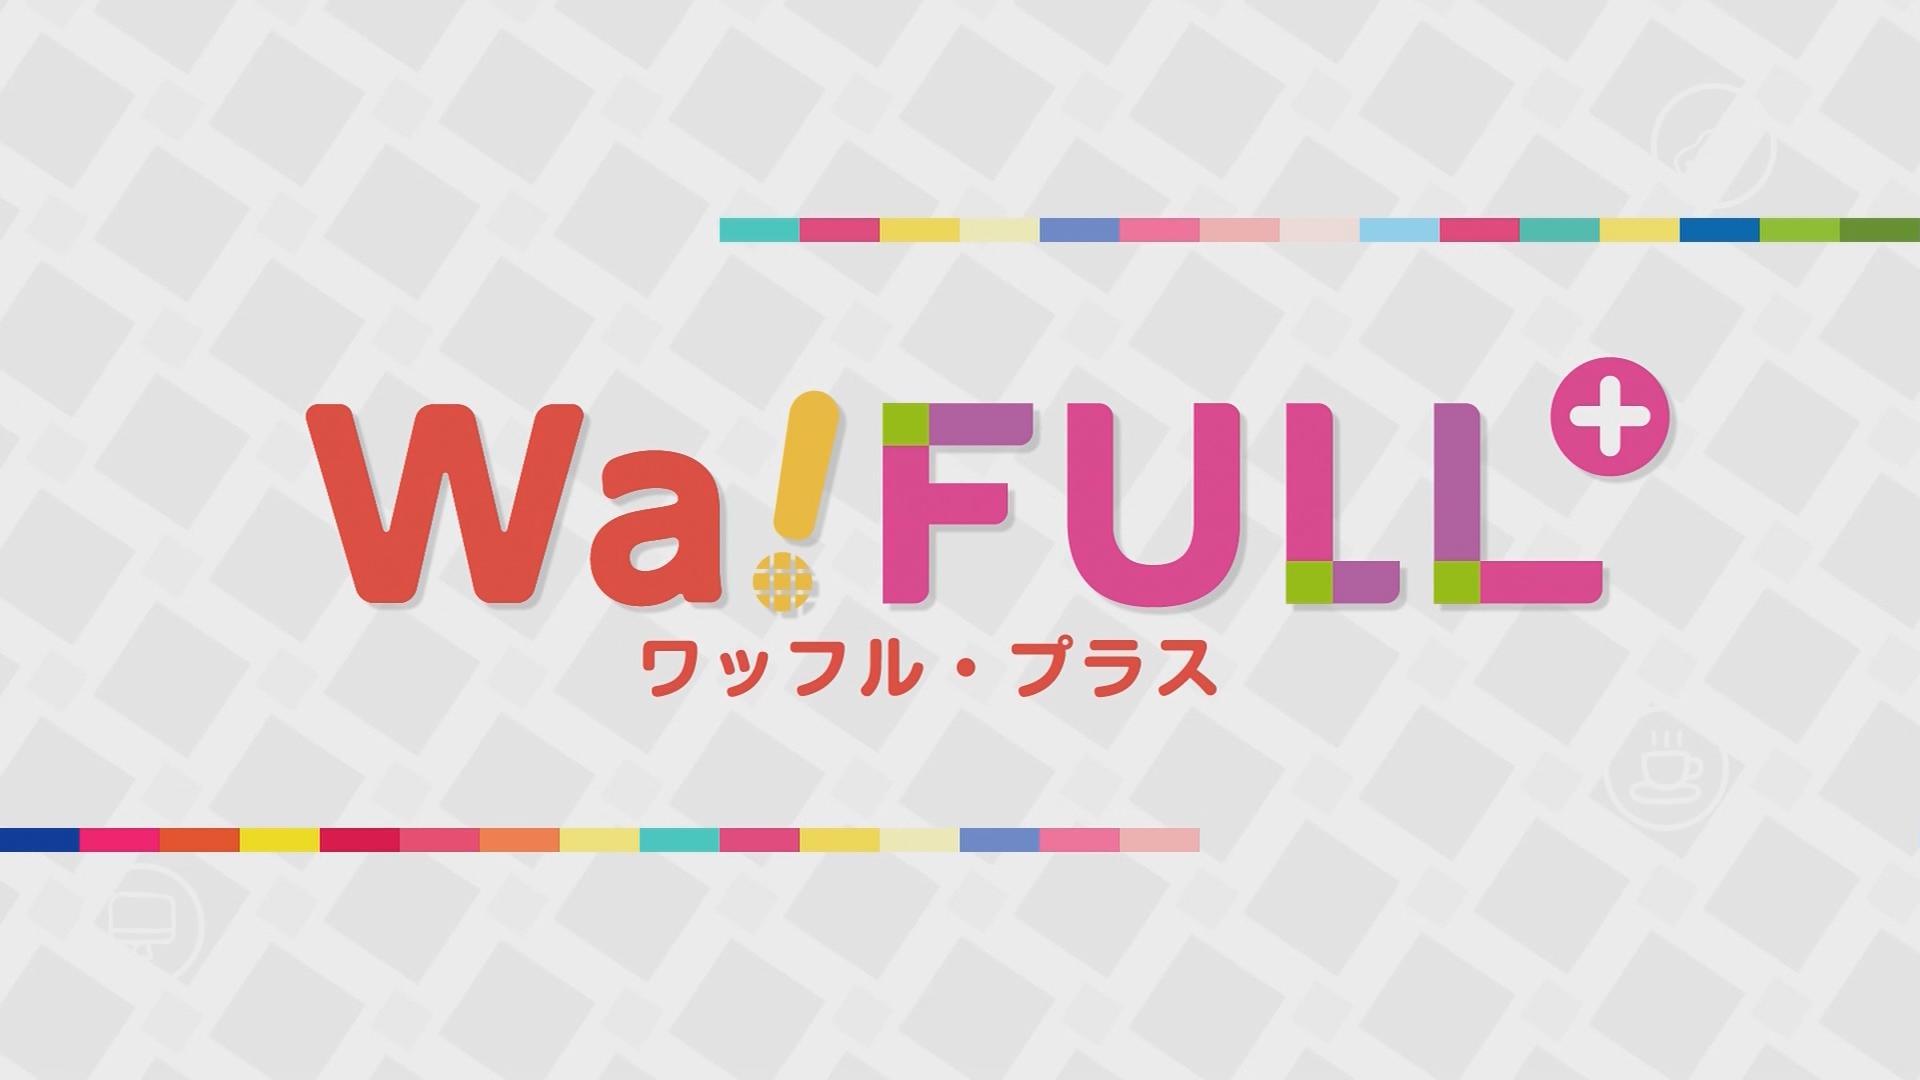 Wa!FULL+